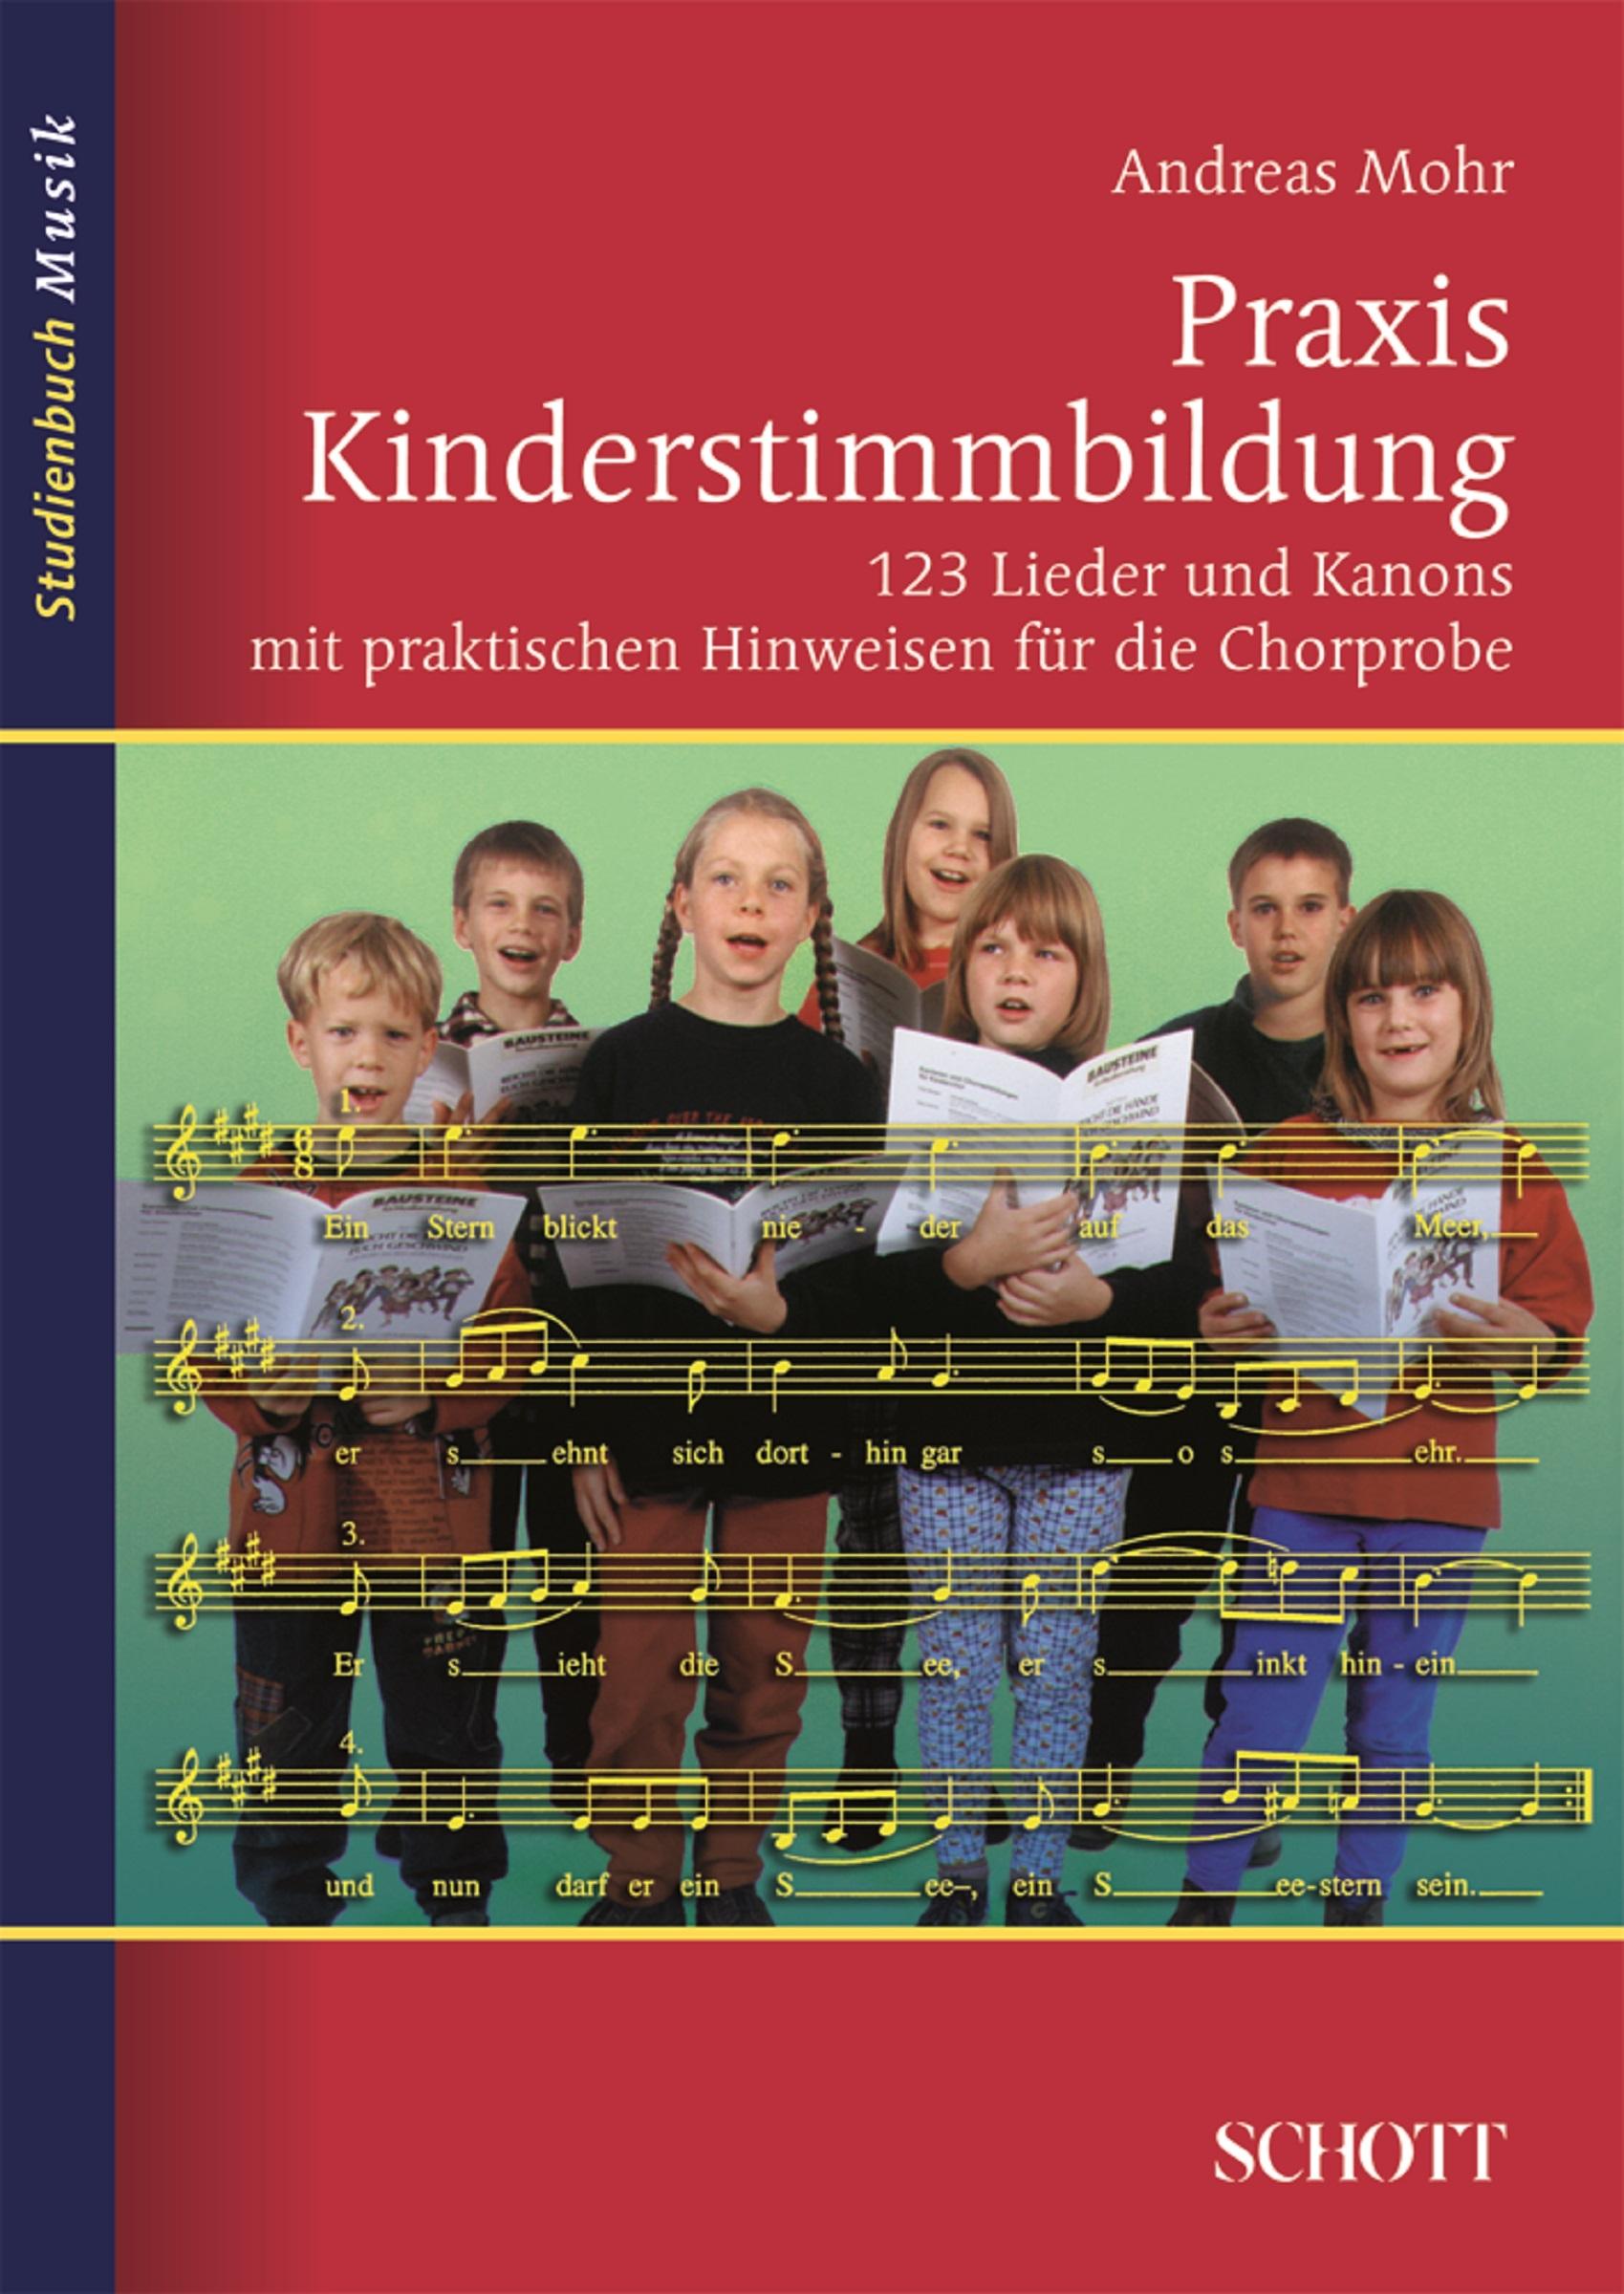 Andreas Mohr Praxis Kinderstimmbildung h mohr zigeunermusik op 36